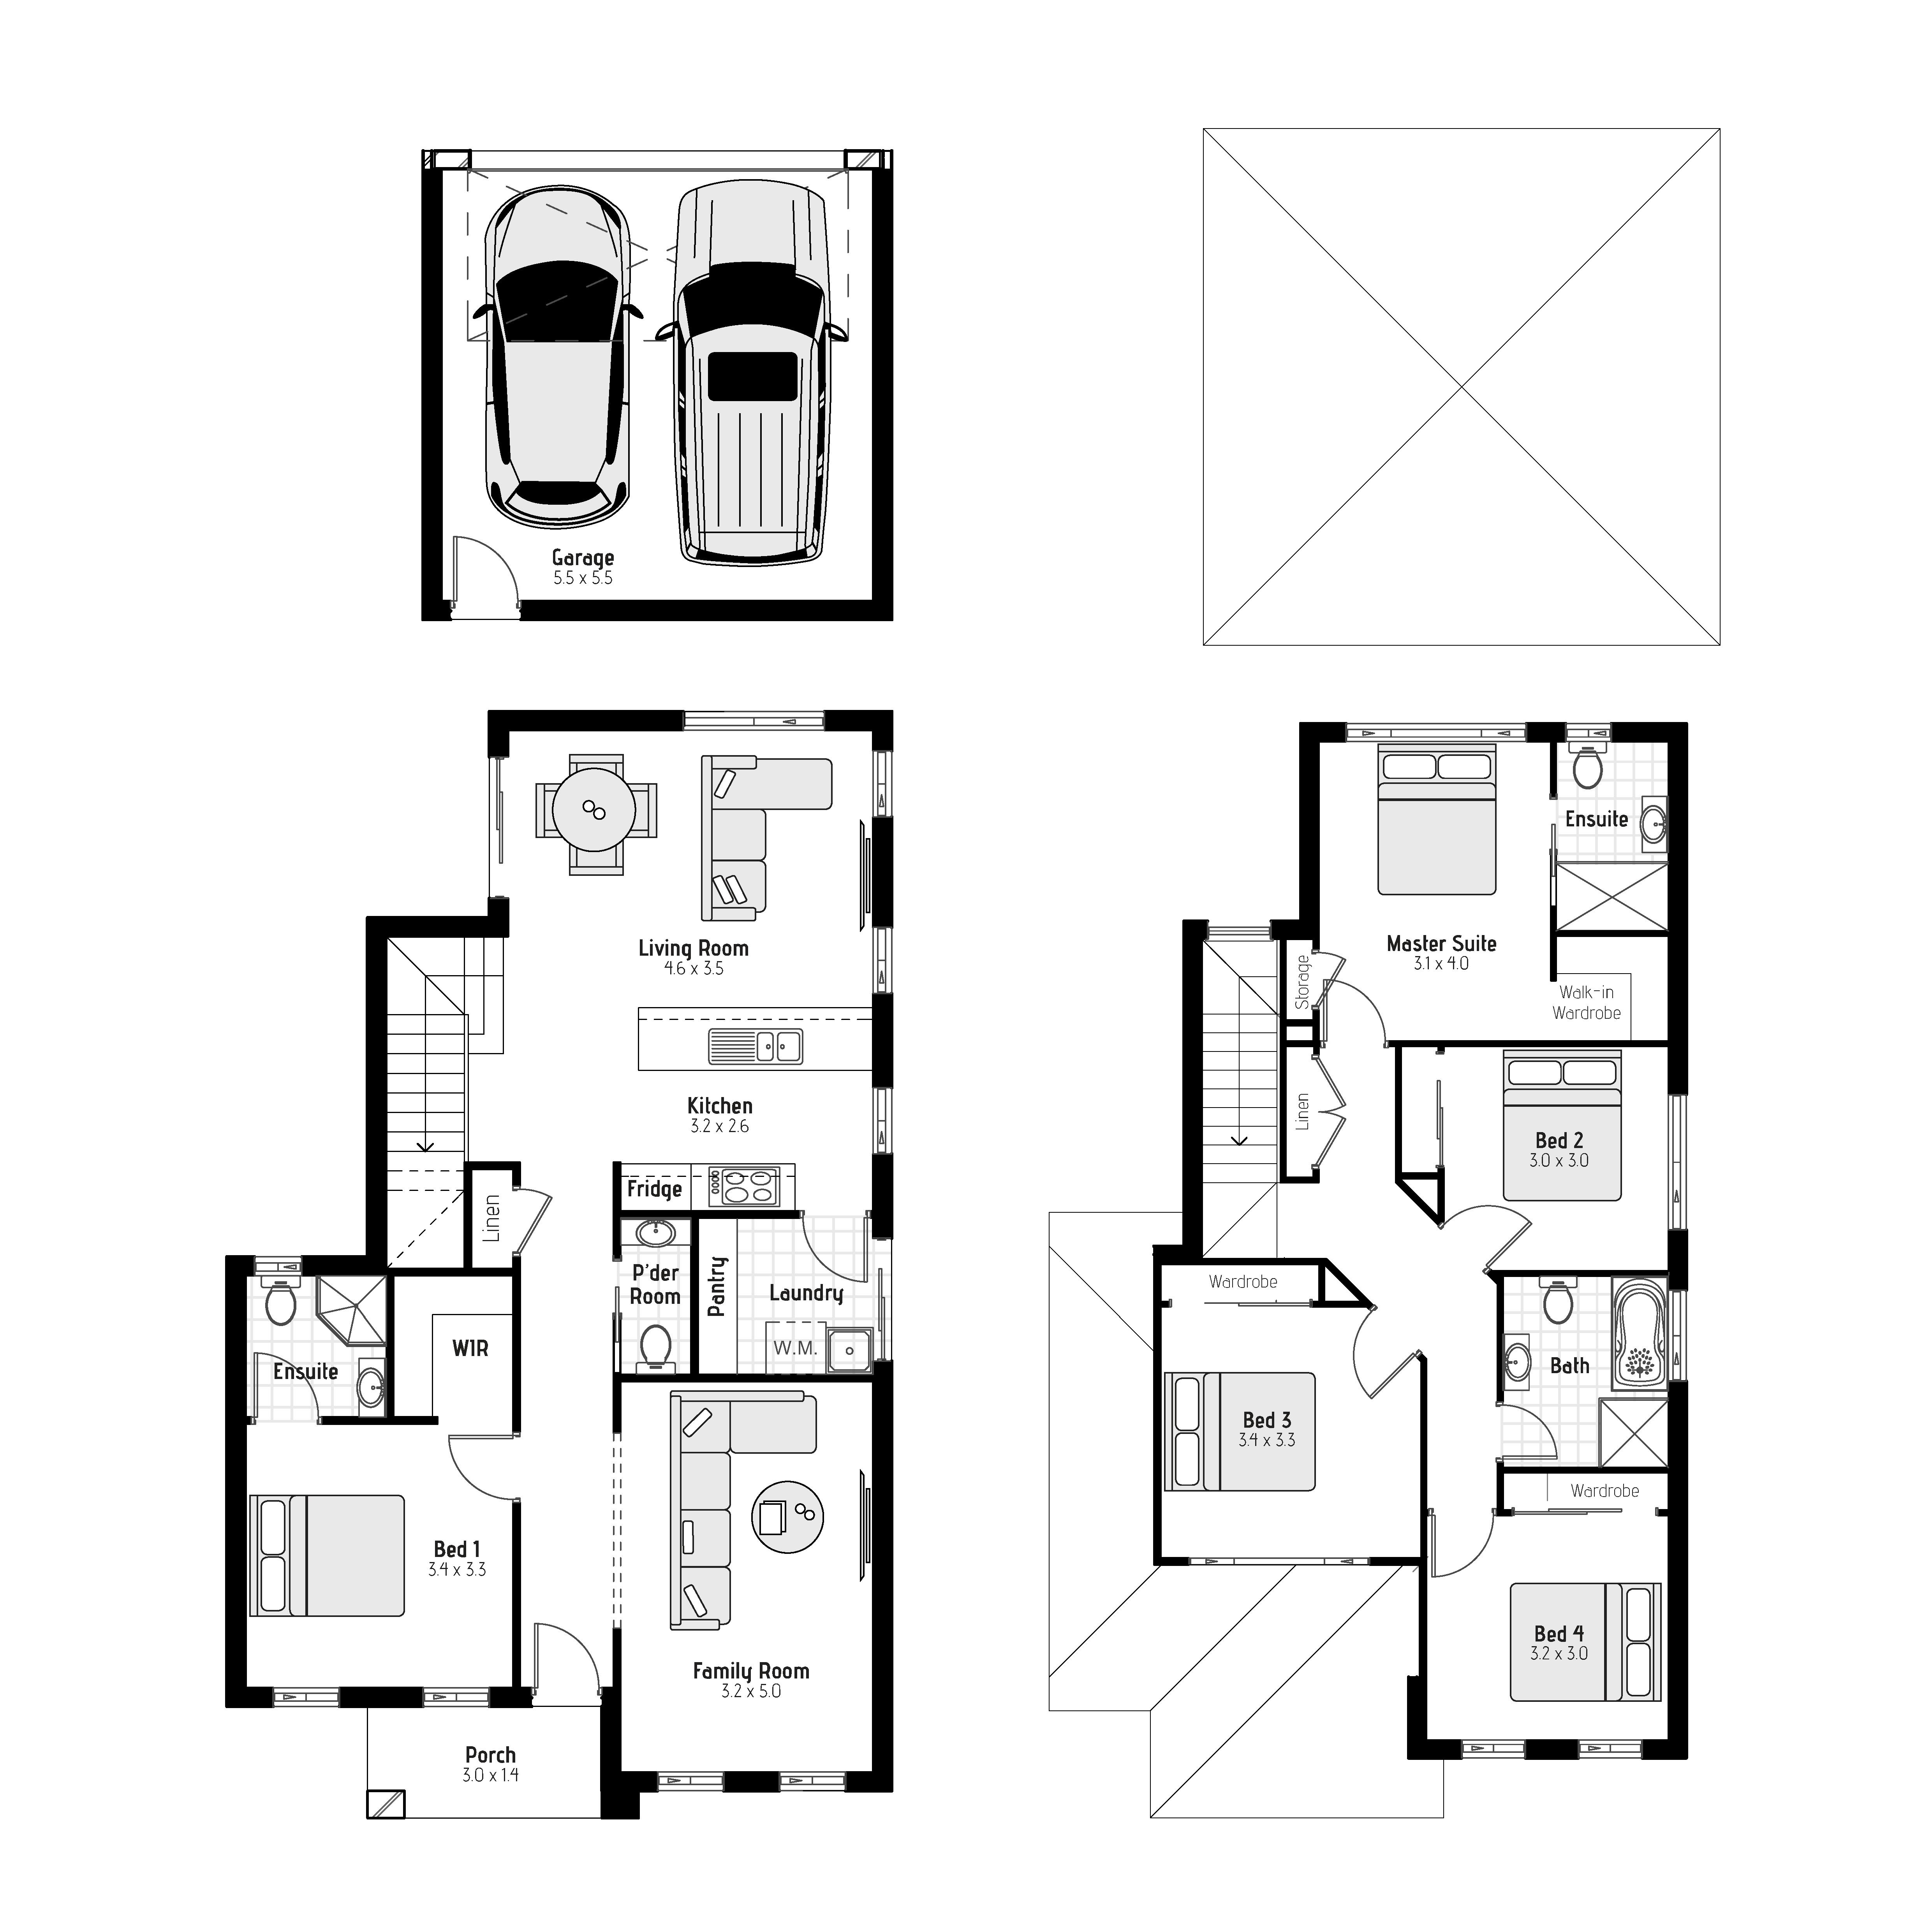 Macleay MKI - Rear loaded Floorplan